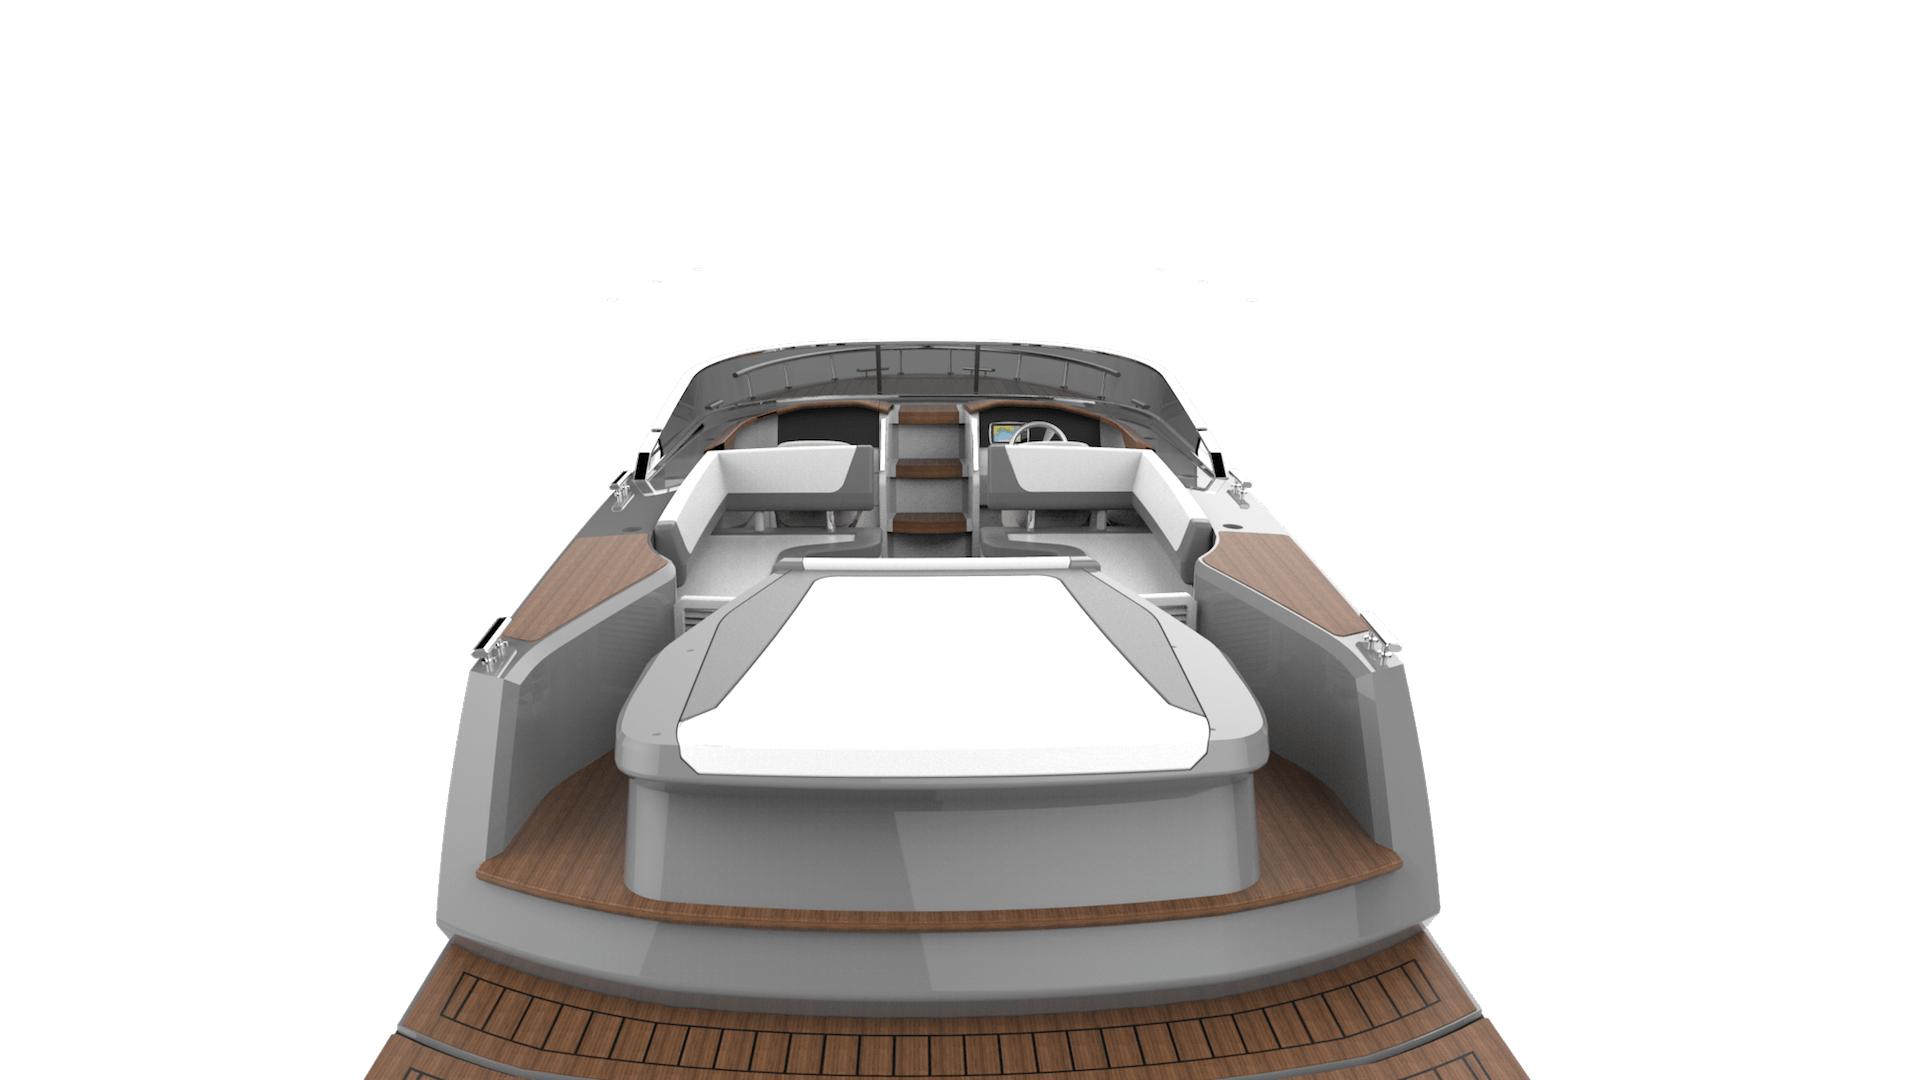 Motorboot yacht zu kaufen